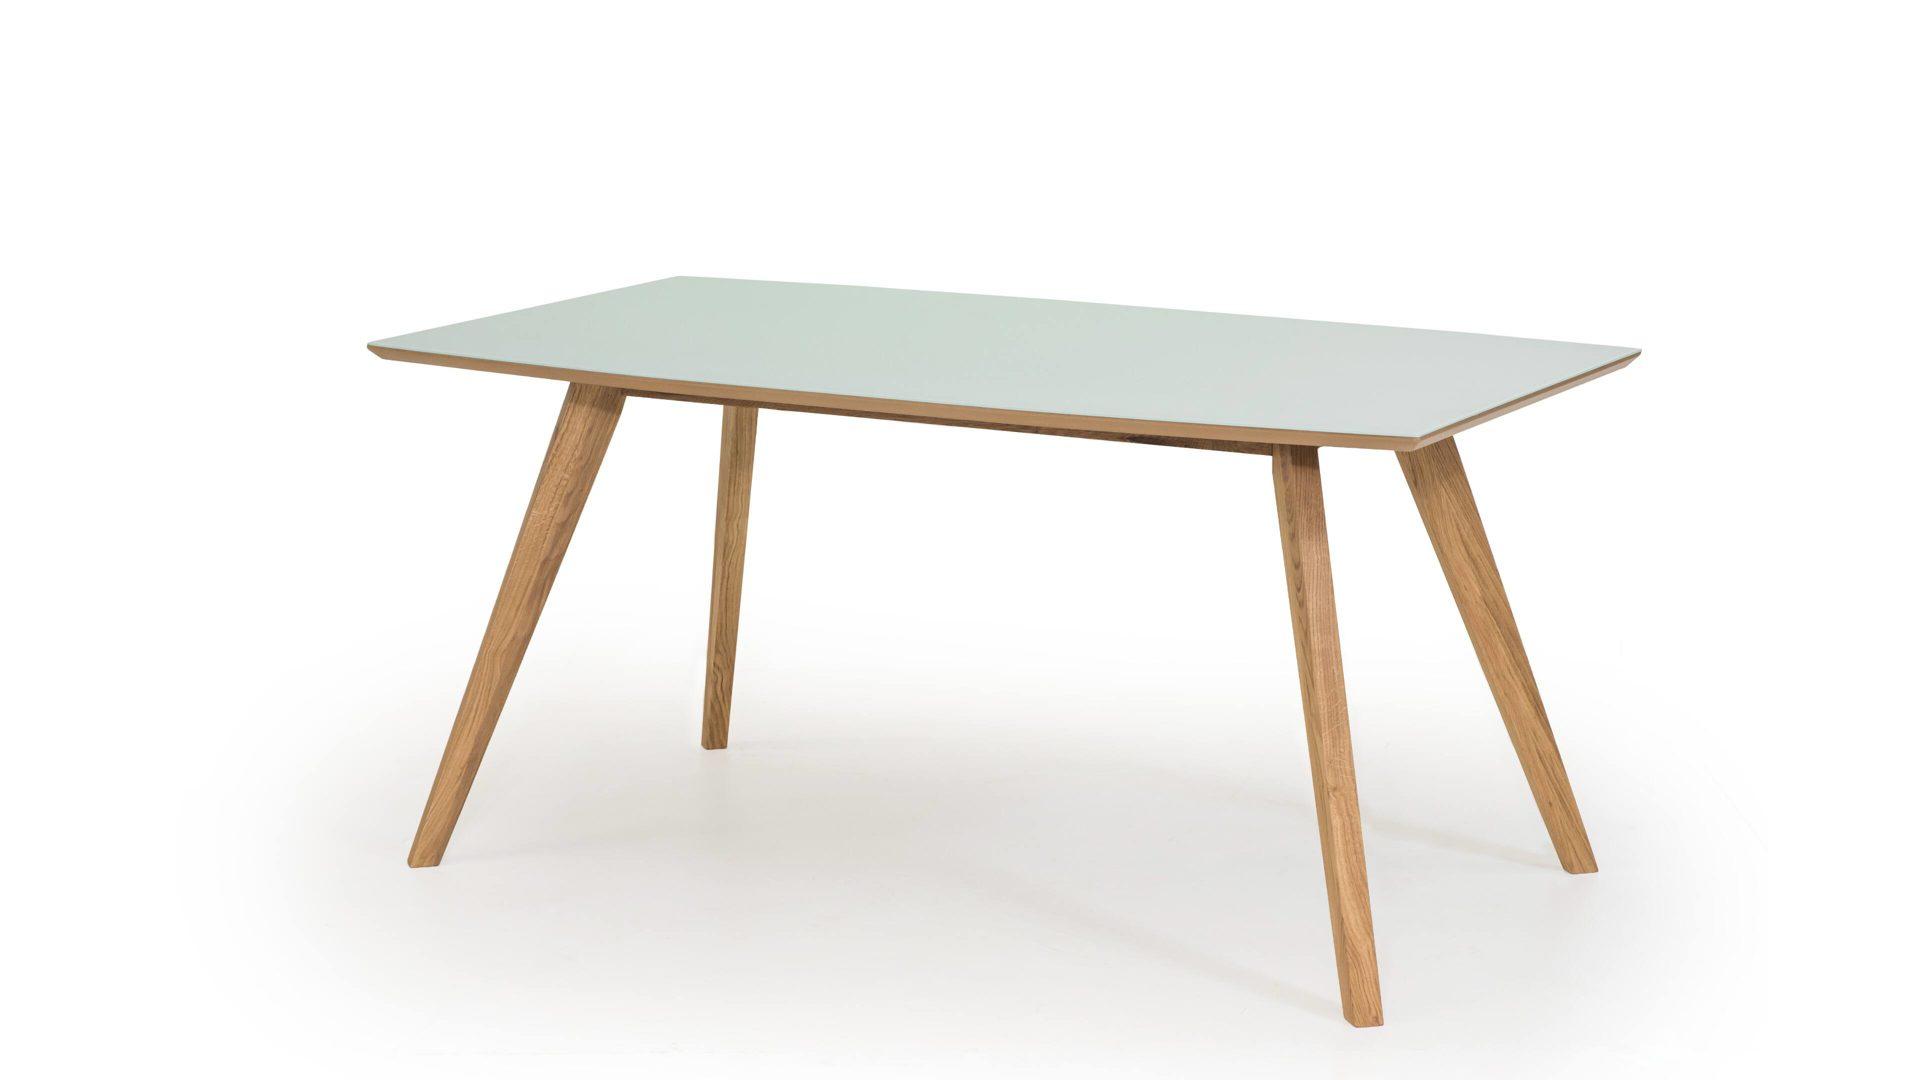 mobel bohn crailsheim raume esszimmer tische esstisch esstisch mit glasauflage mattweisses glas eichenholz ca 180 x 90 cm